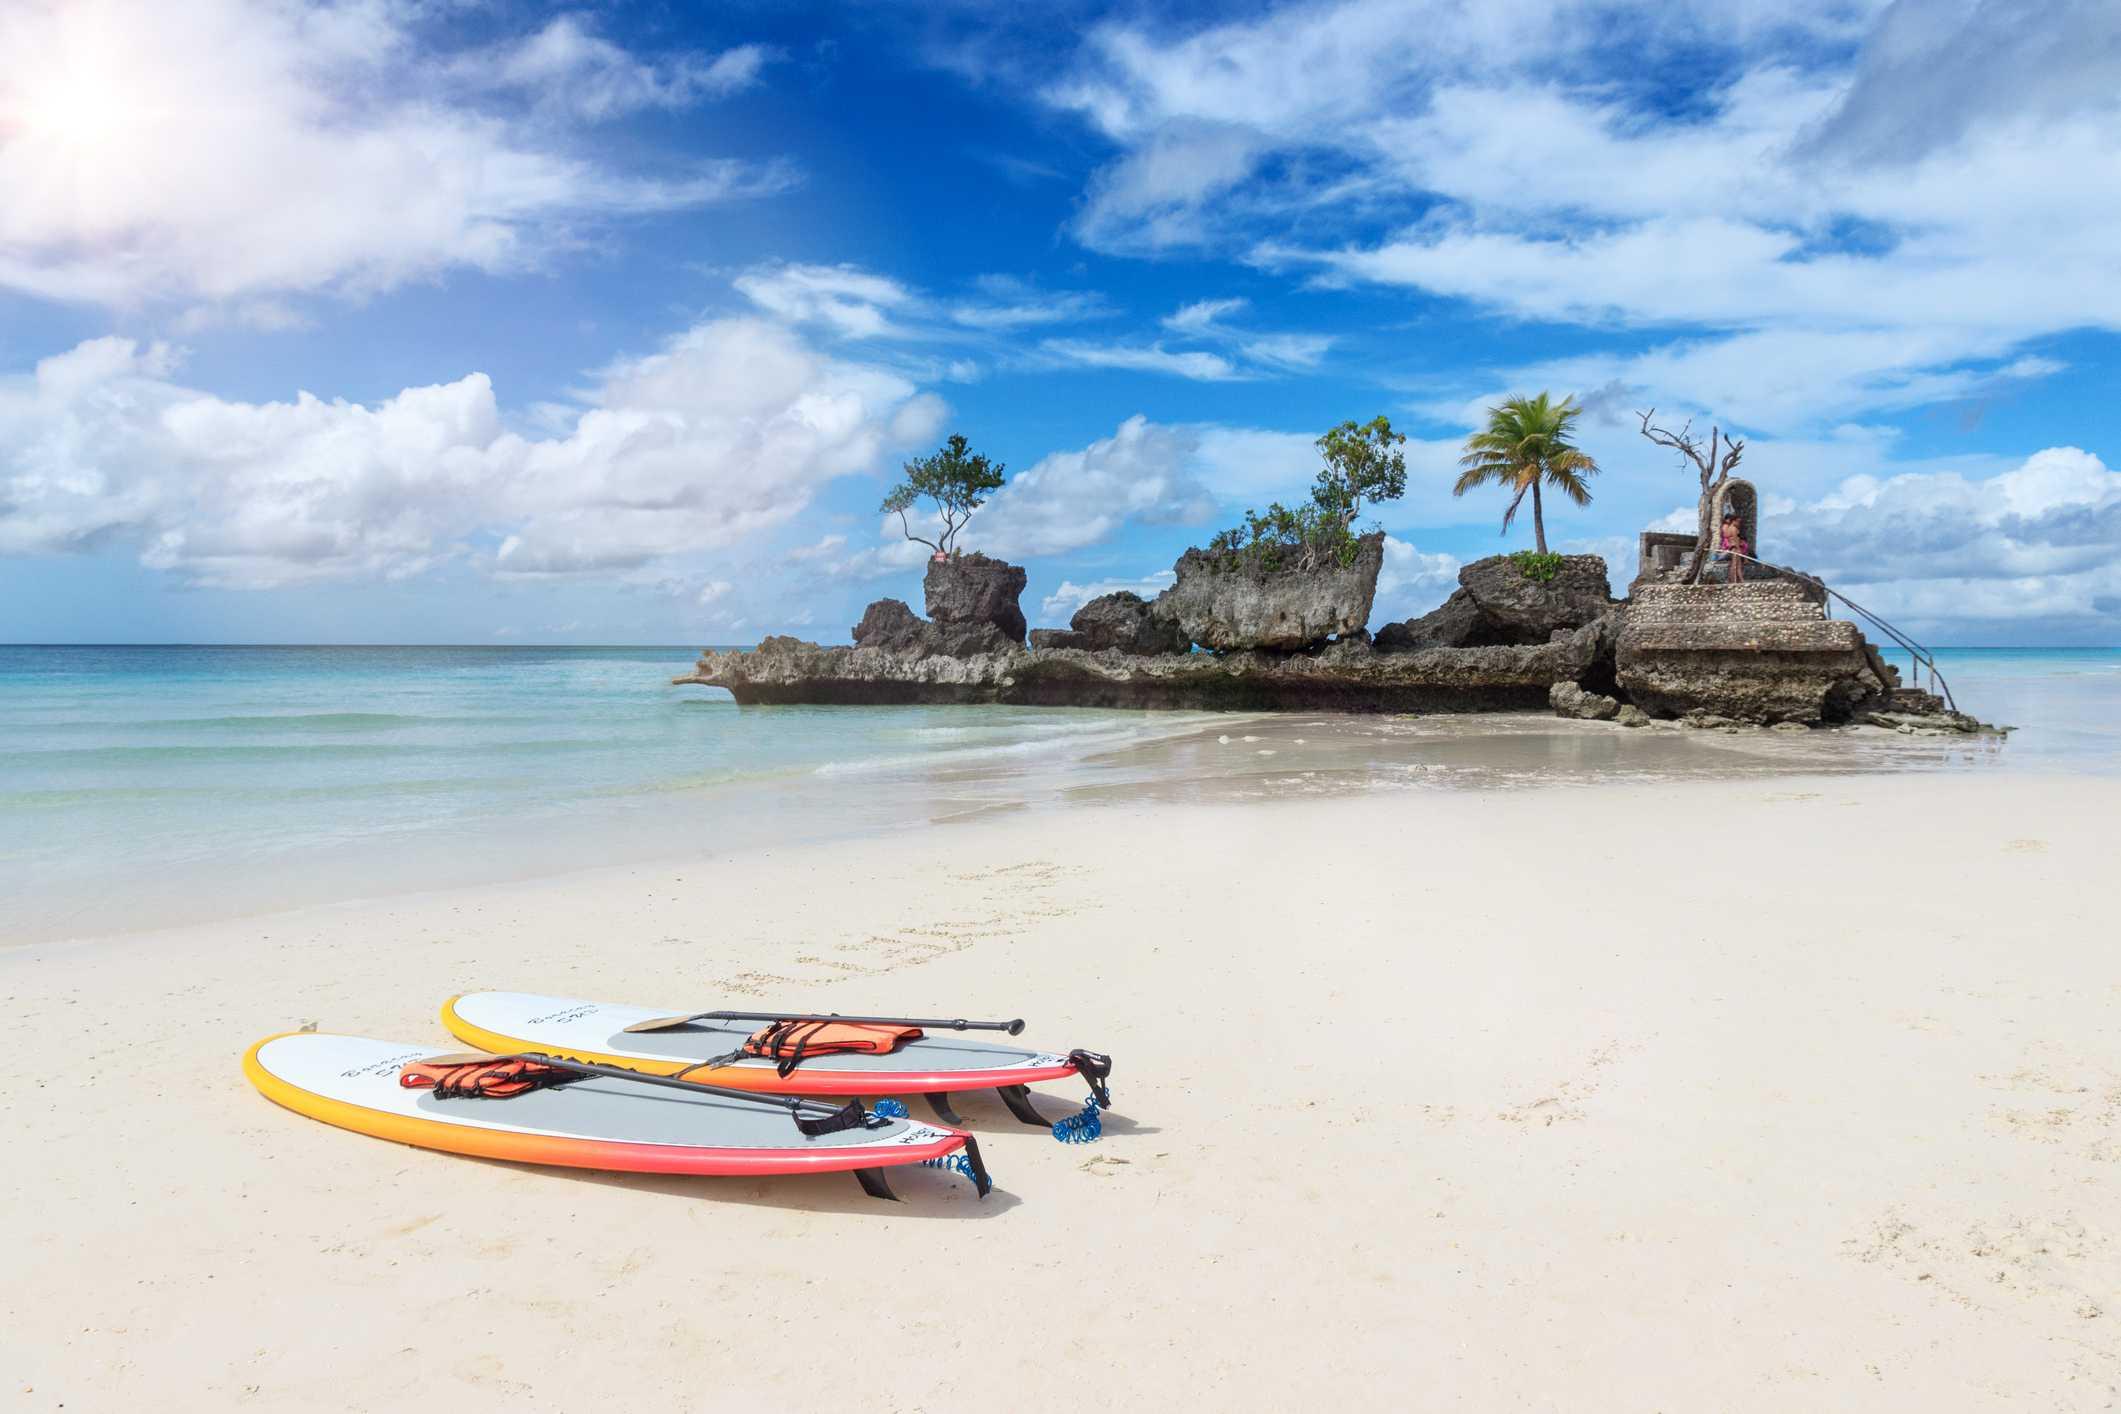 White Beach en la isla de Boracay ha sido votada como una de las playas más hermosas del mundo